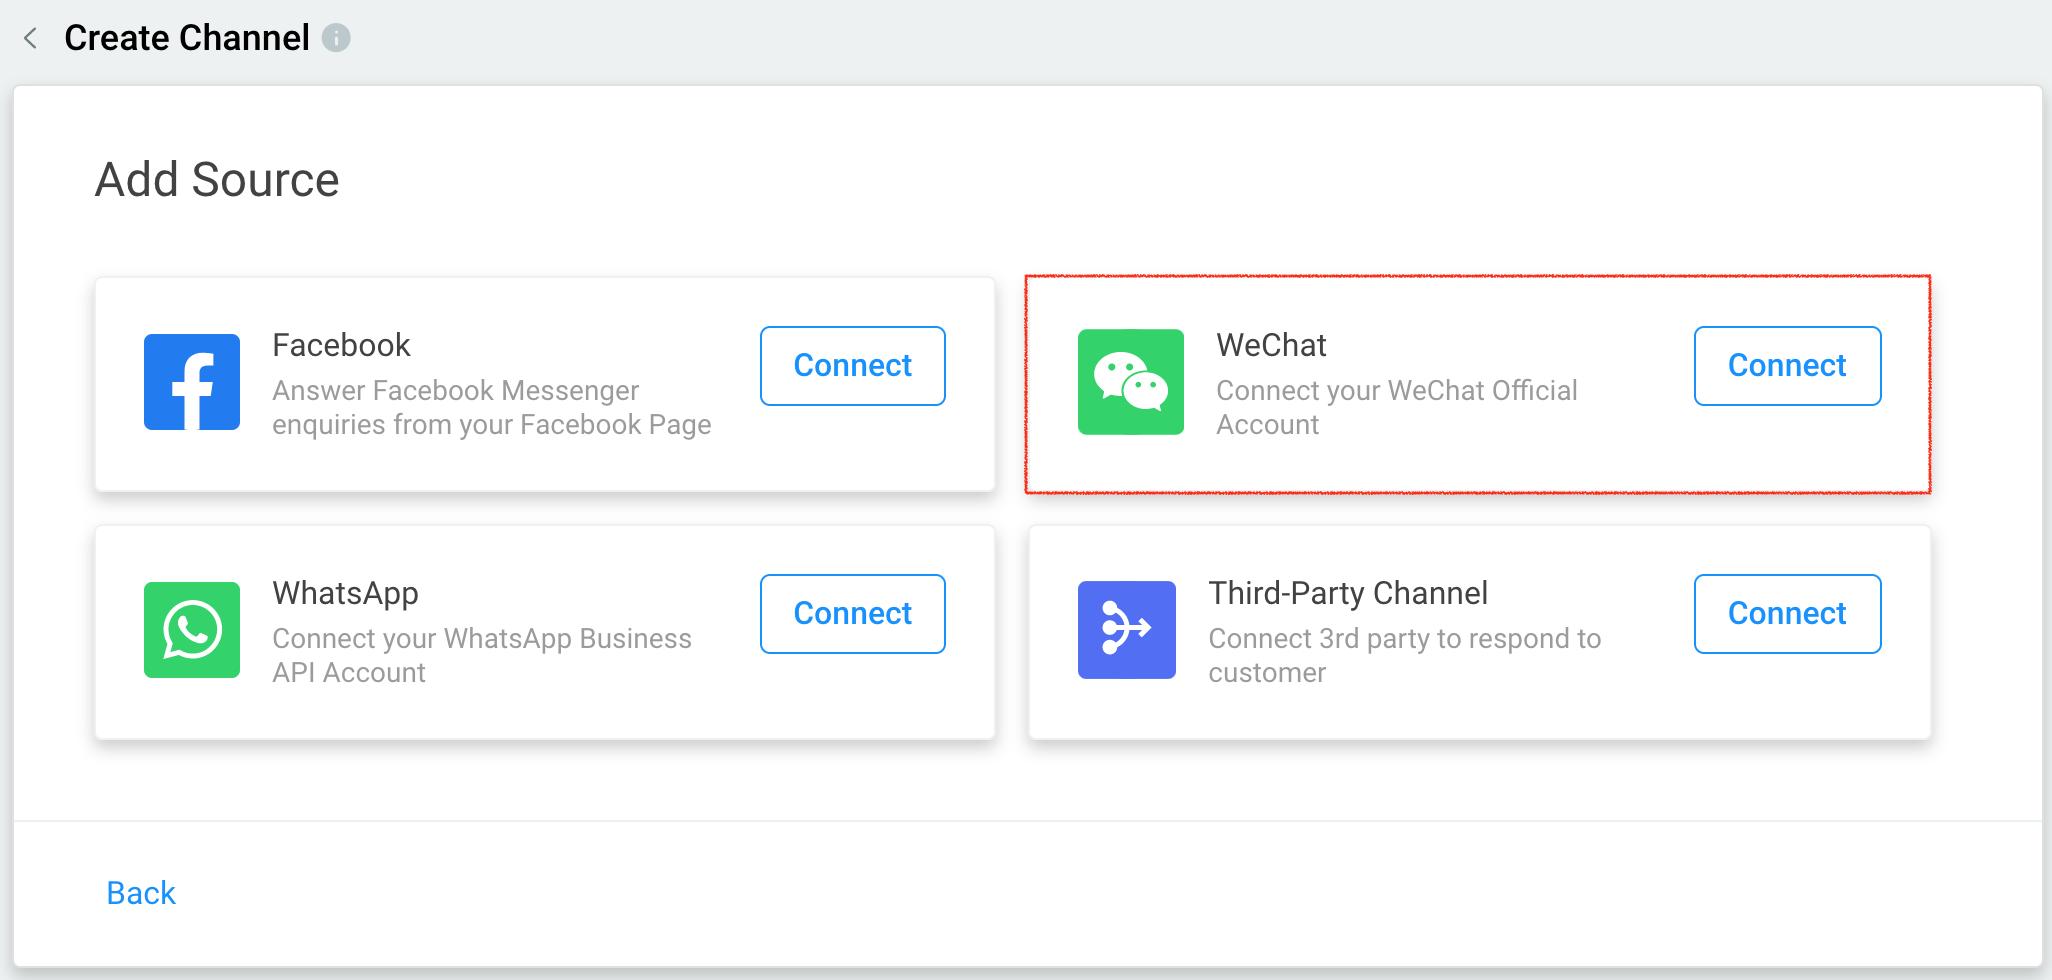 Connect WeChat